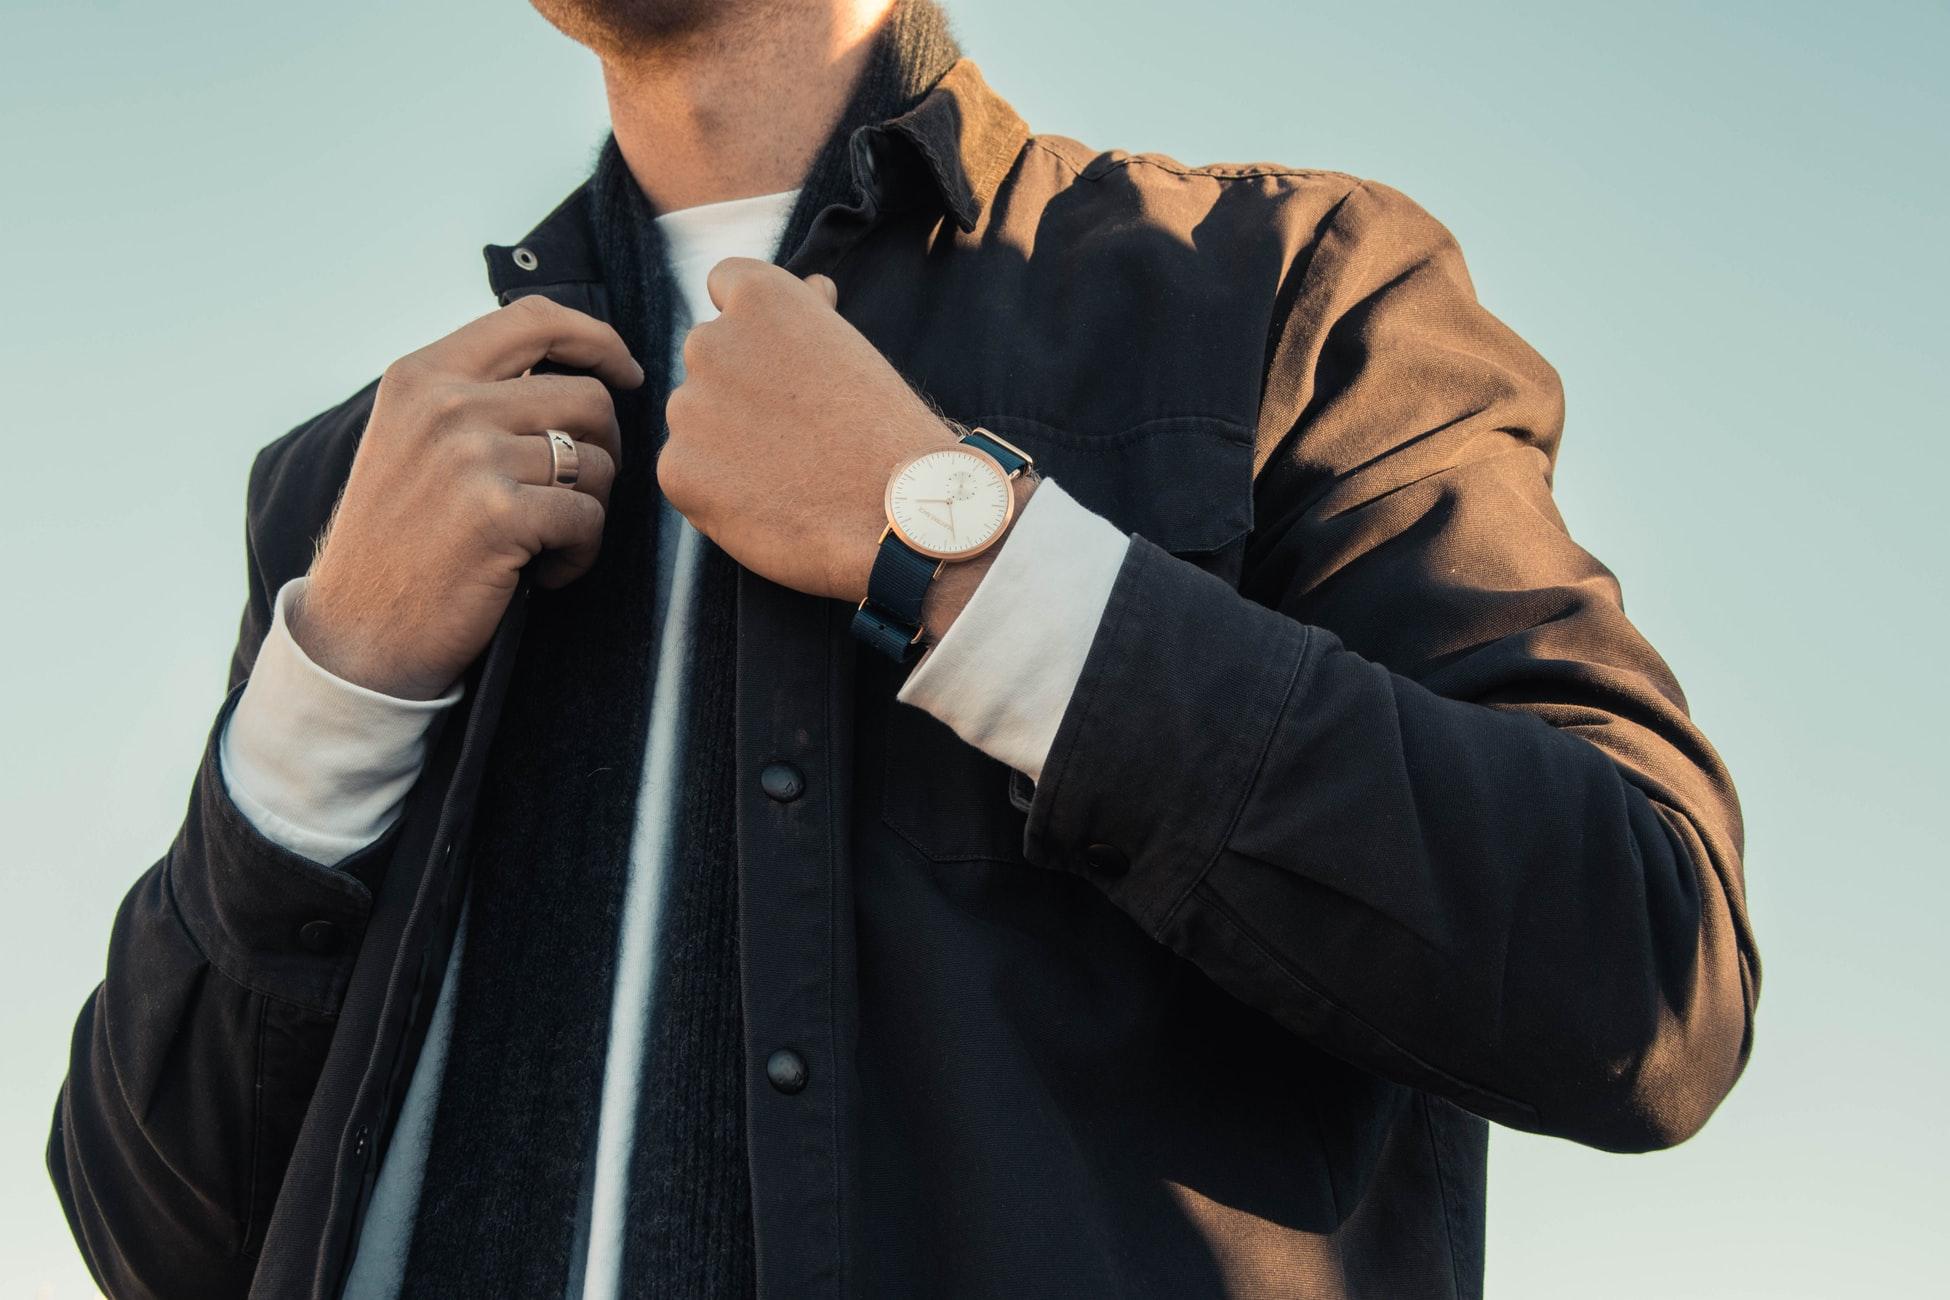 セクター(SECTOR)の時計を売るならここ!おすすめの買取店を紹介